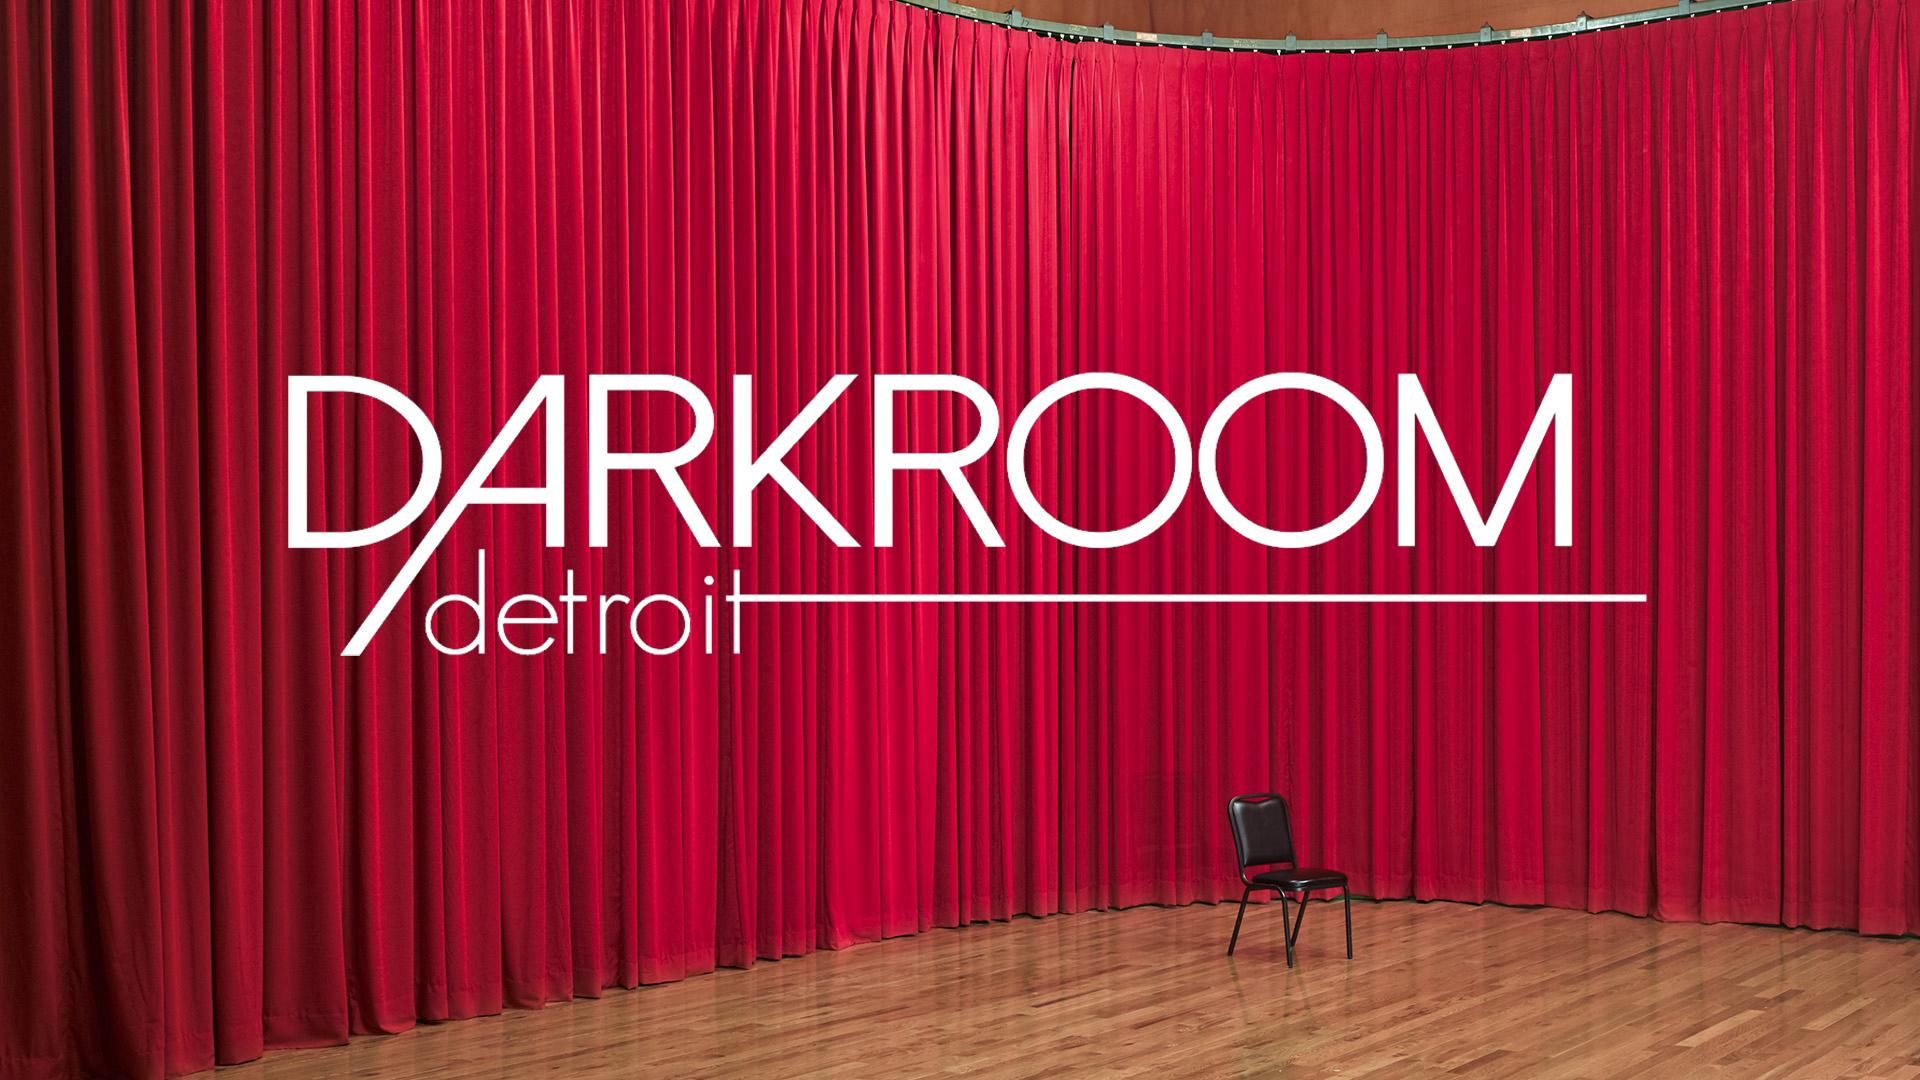 Darkroom Detroit